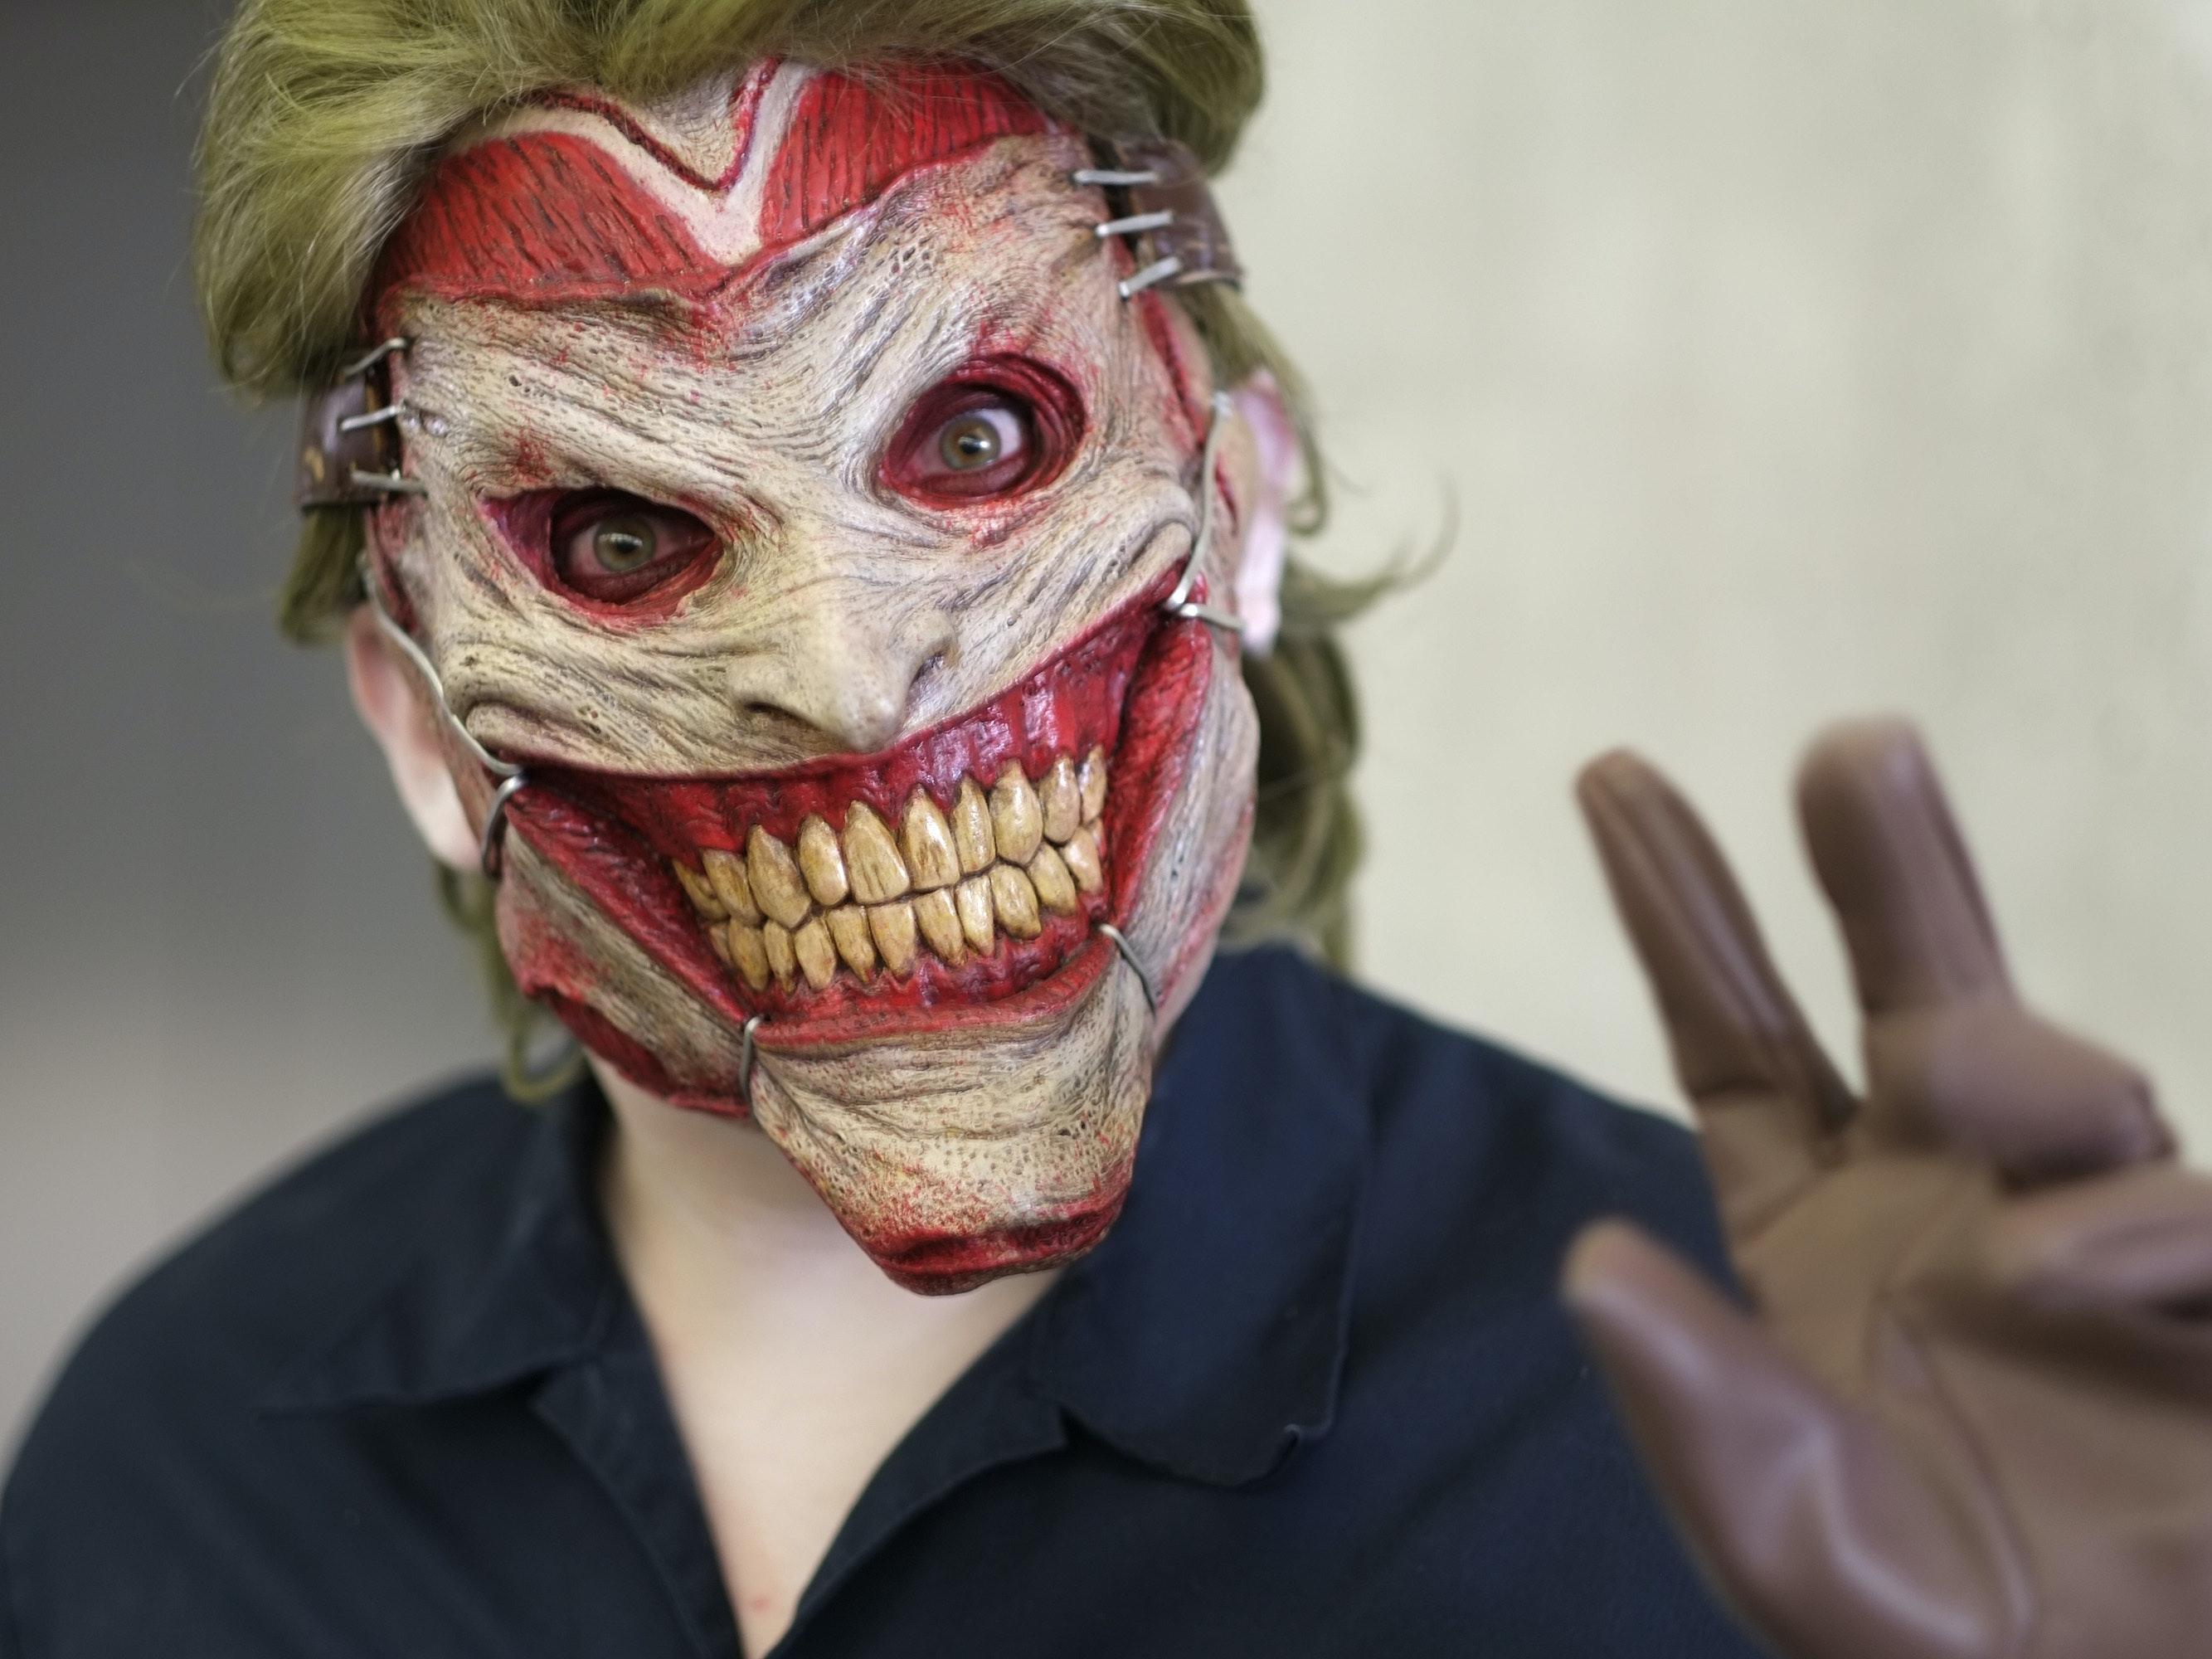 Joker Cosplay Halloween